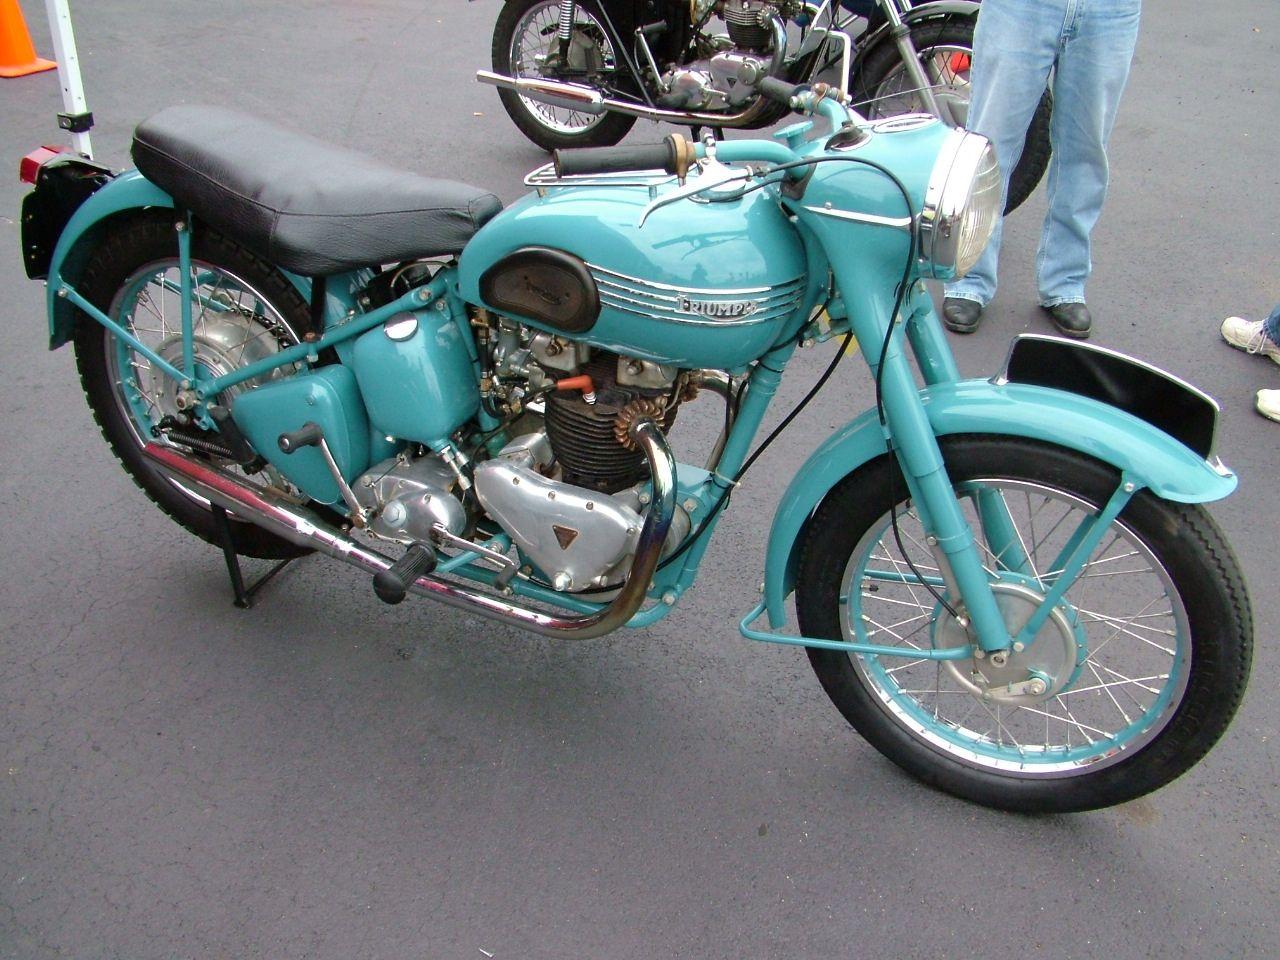 Pin On Bikes Bsa Triumph